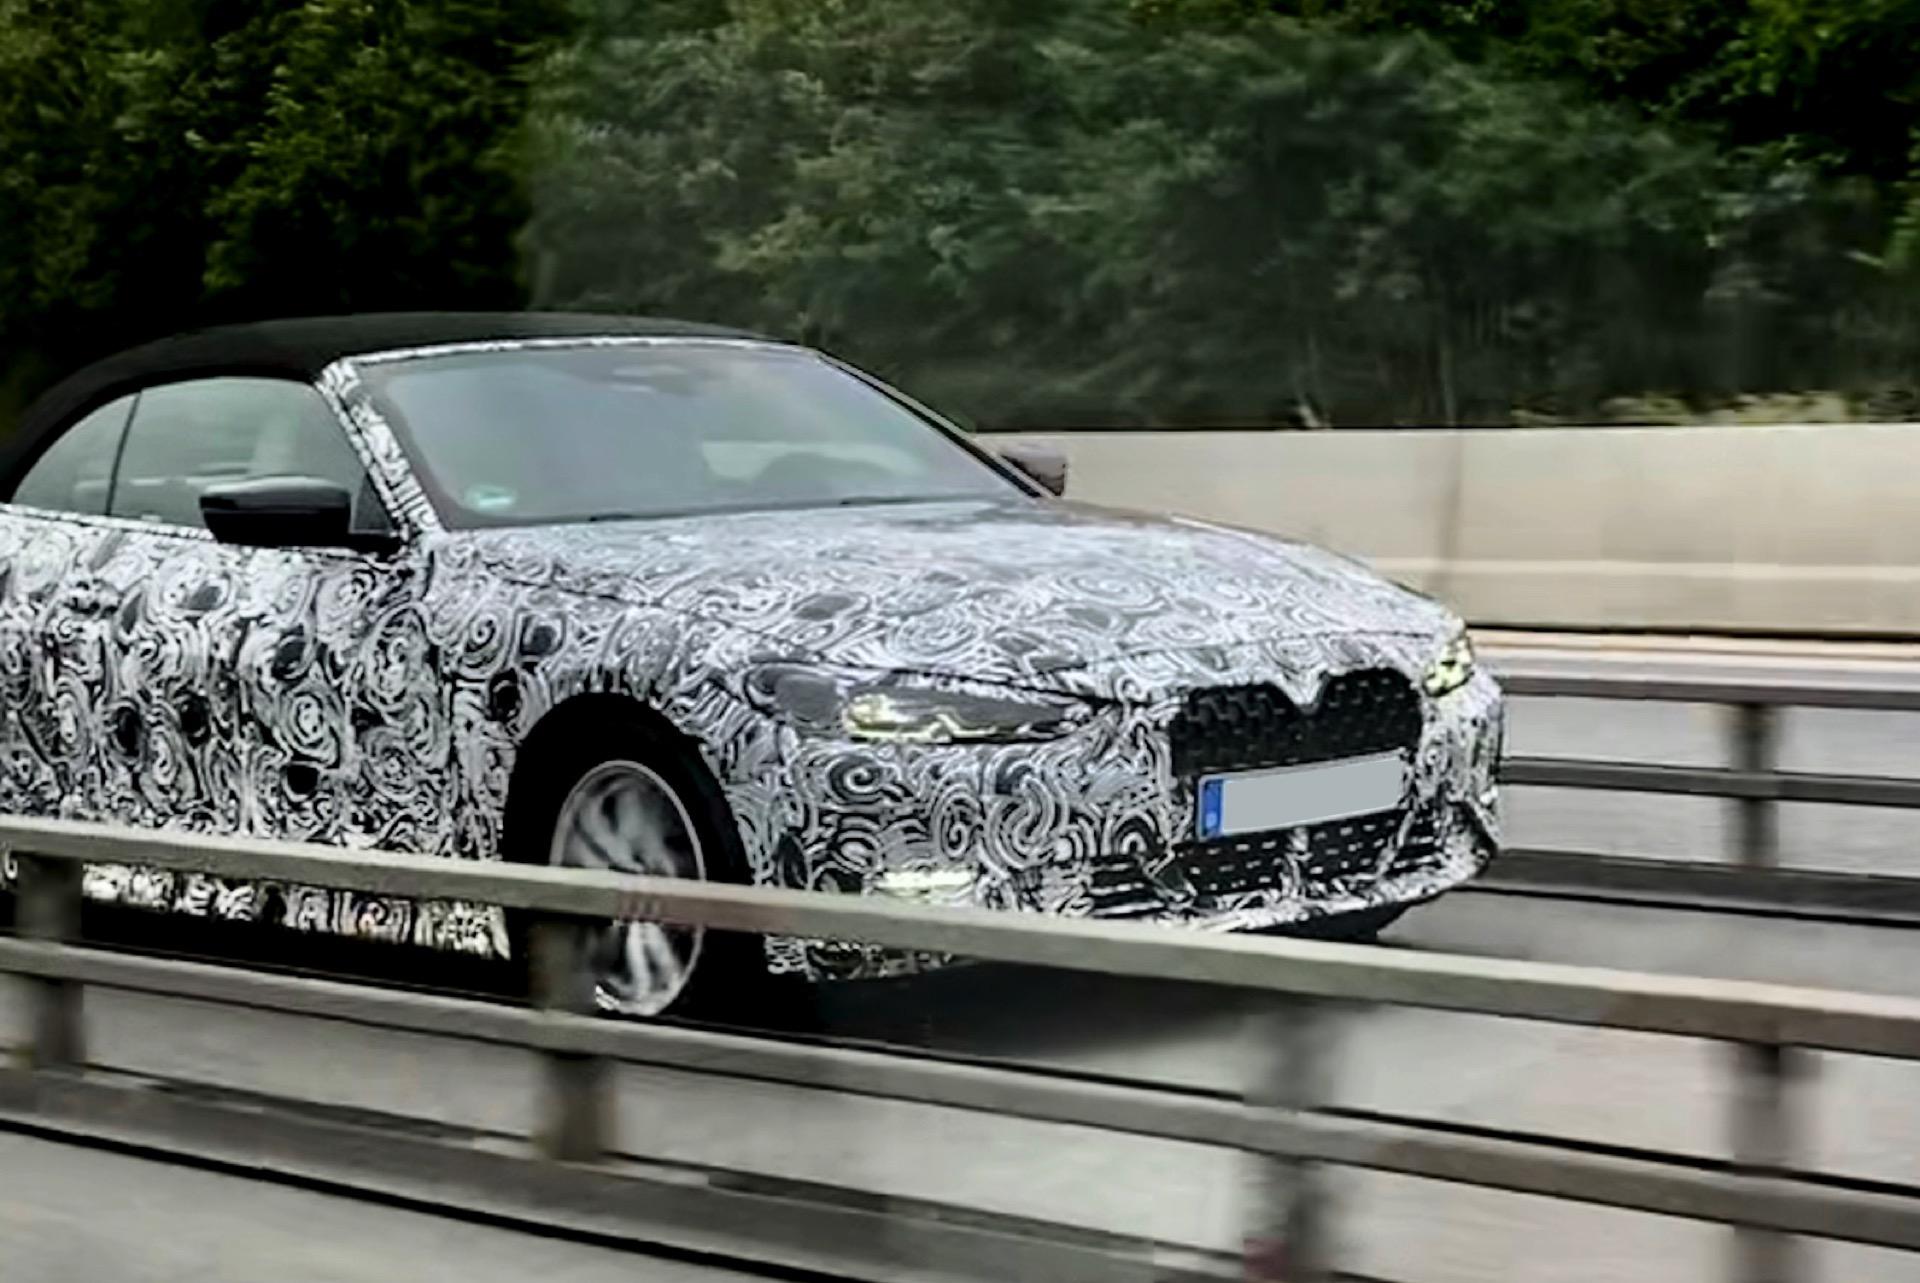 BMW 4er Cabrio 2021: Erlkönig-Fotos zeigen die G23-Front